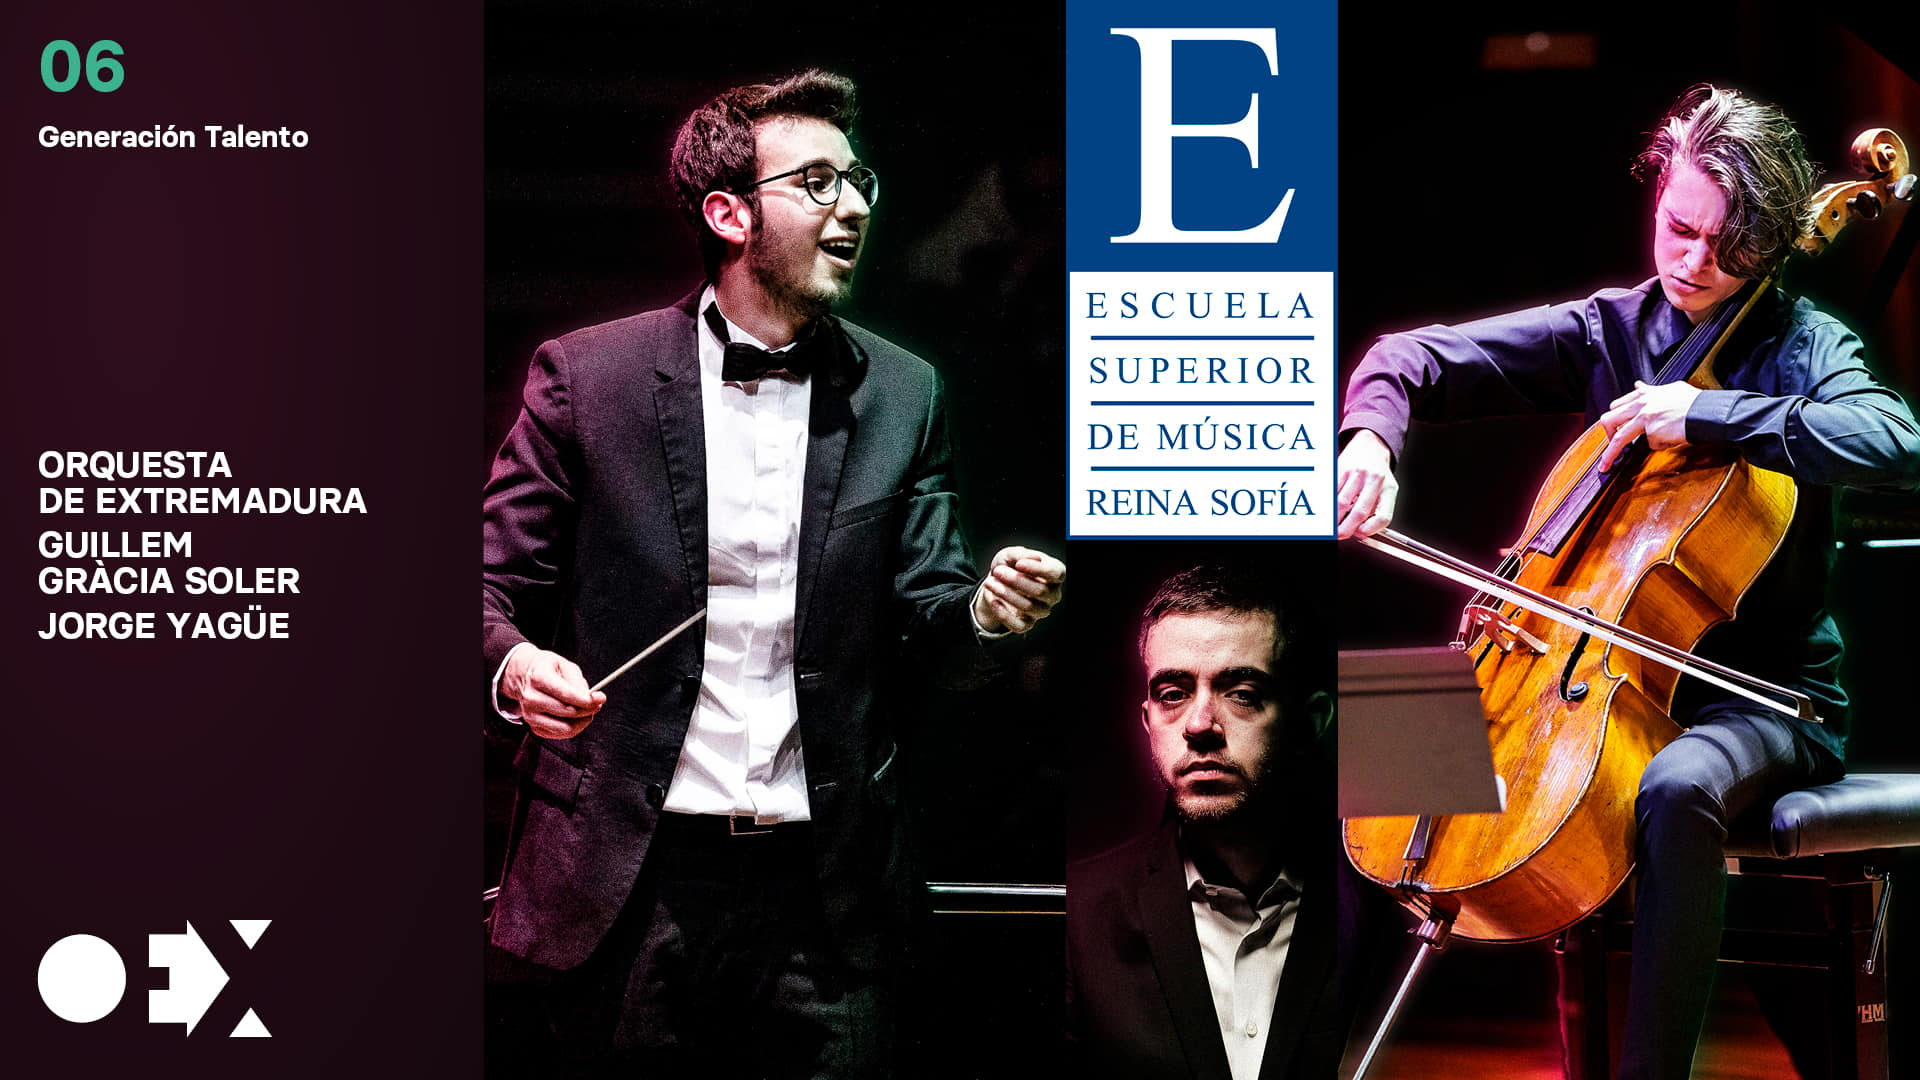 Generación Talento 2021. Con Pablo Domínguez, Guillem Gracia y Jorge Yagüe